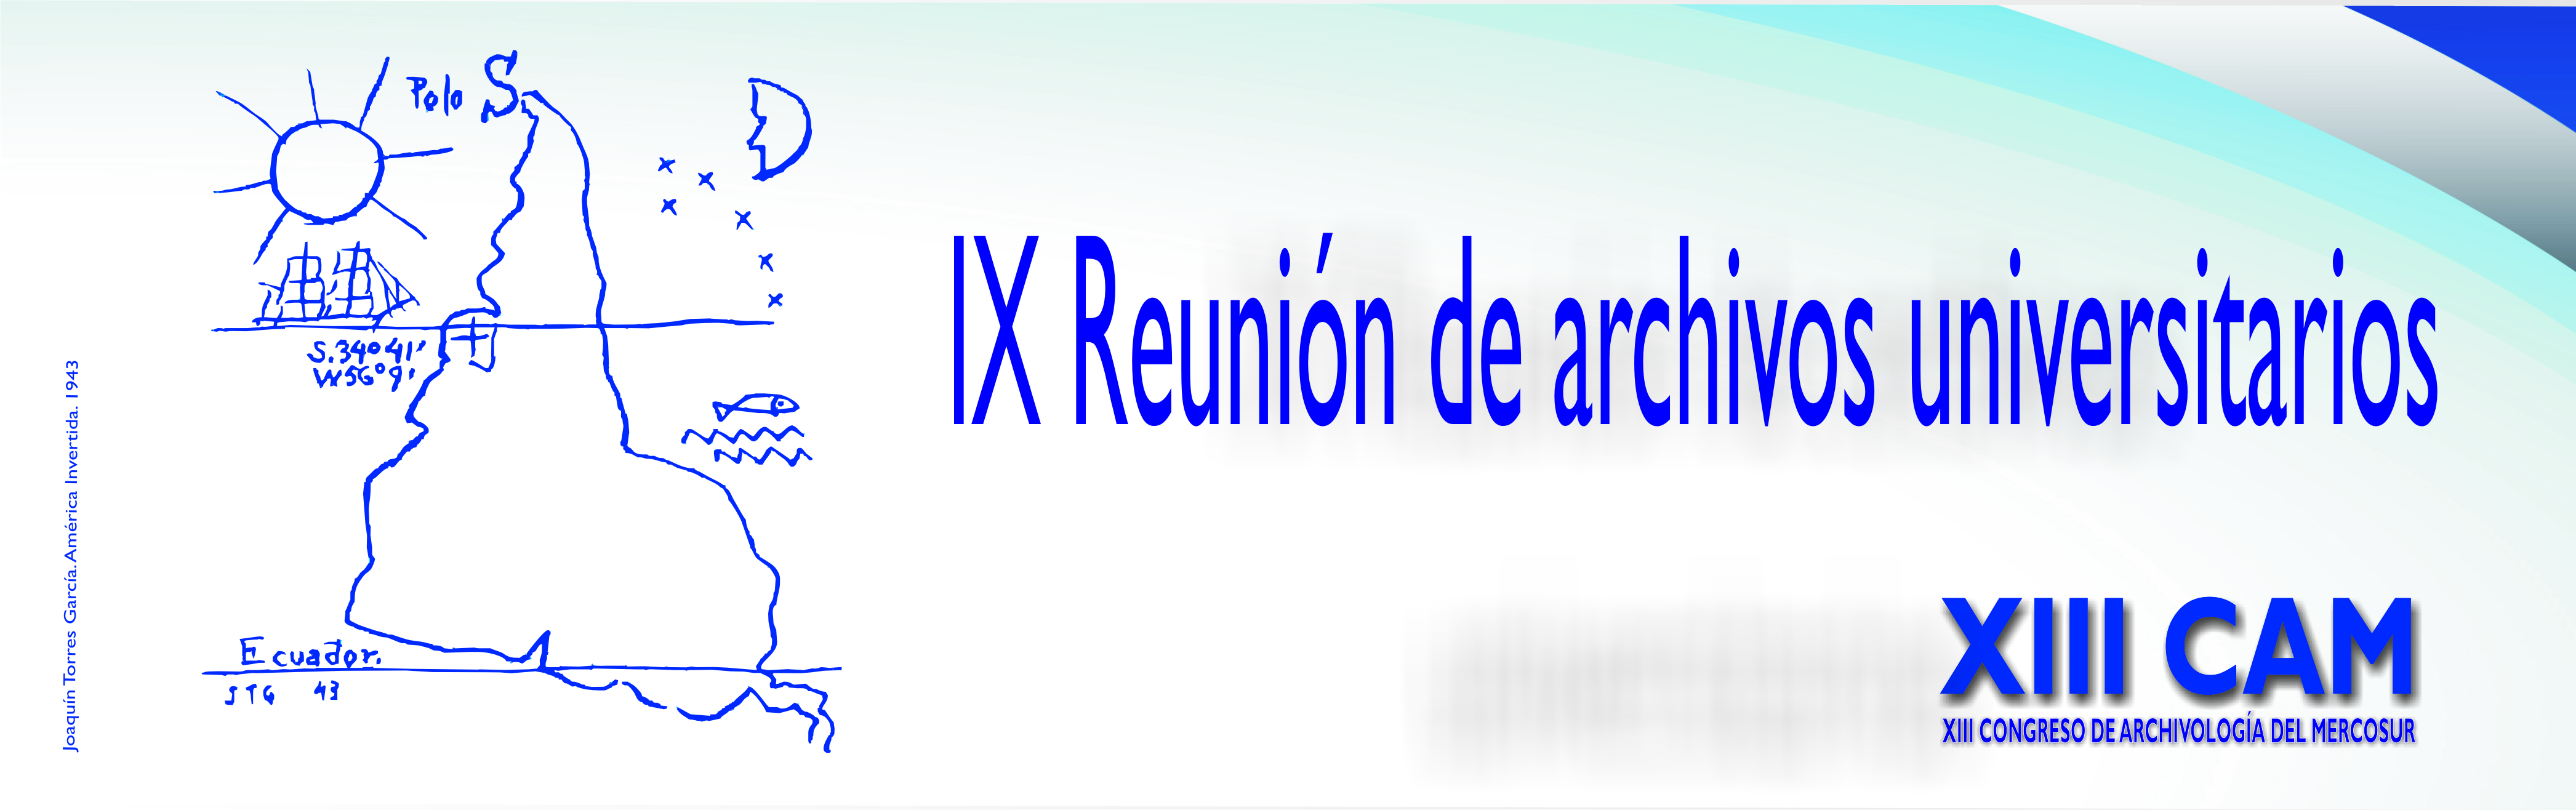 IX Reunión de archivos universitarios